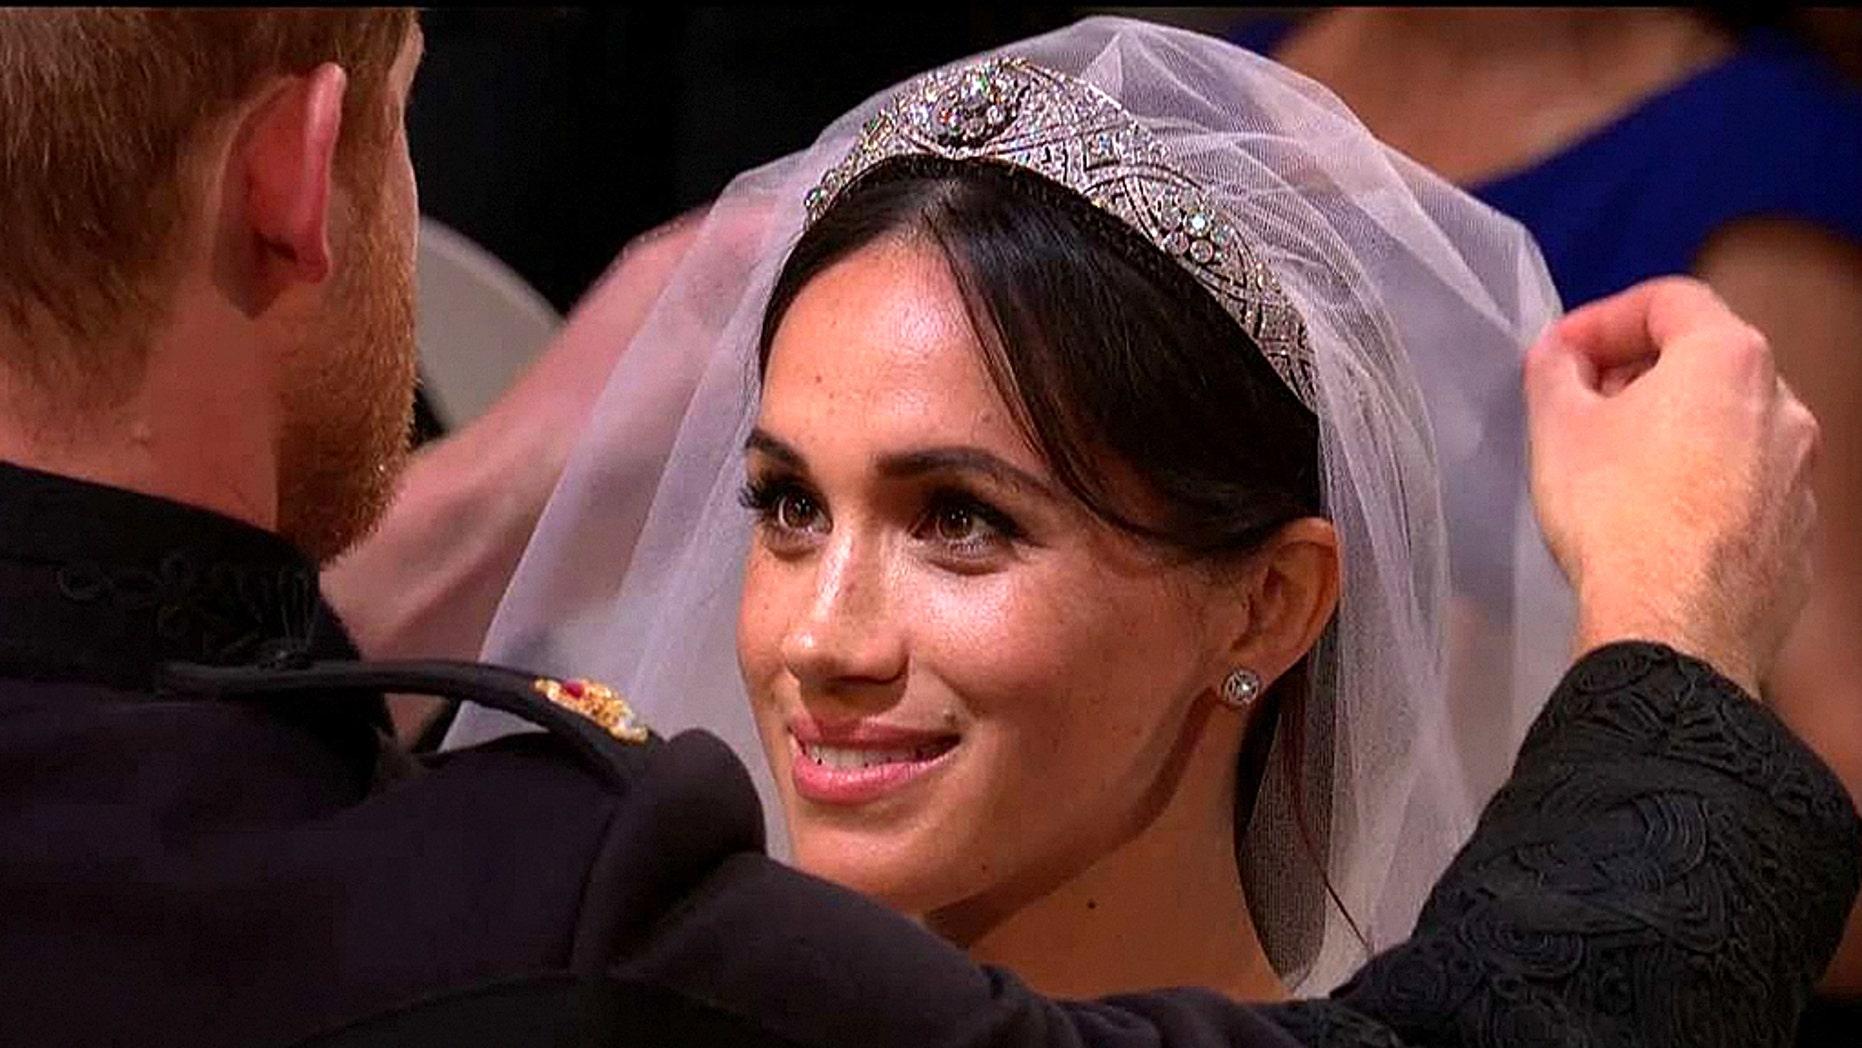 Meghan Markle's wedding tiara was lent to her by Queen Elizabeth II.